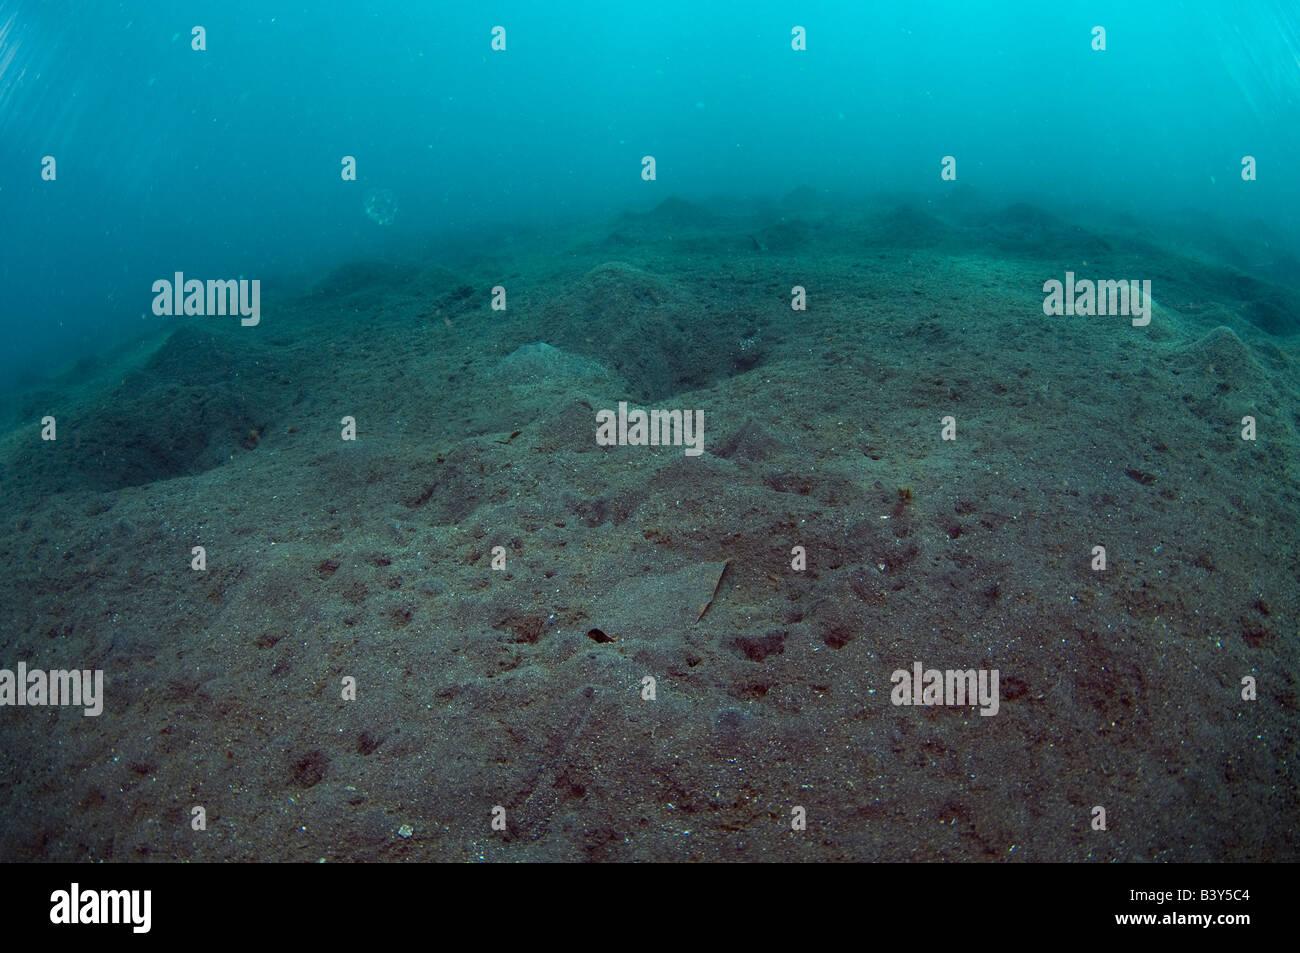 El paisaje submarino en el estrecho de Lembeh consta principalmente de arena volcánica negra Imagen De Stock